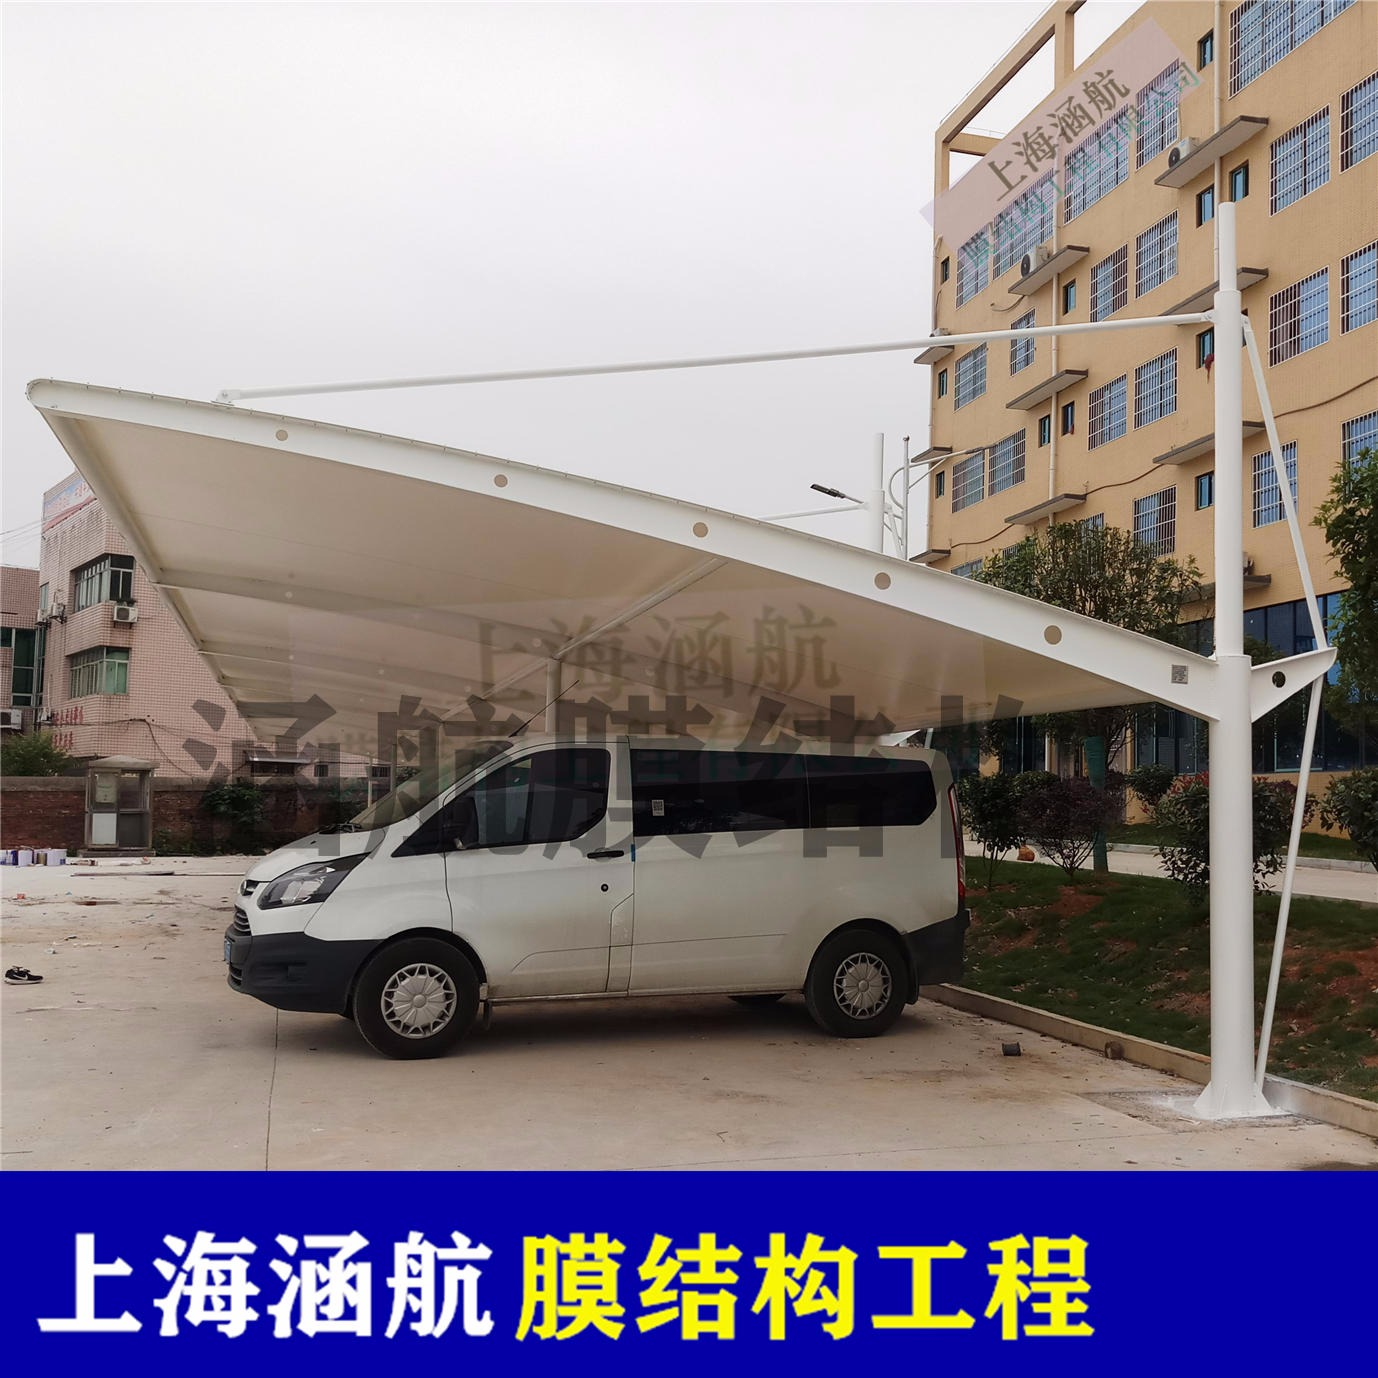 张拉膜结构停车棚工程,上海涵航膜结构汽车停车场车棚,电动自行车棚,新能源汽车充电桩遮阳雨篷